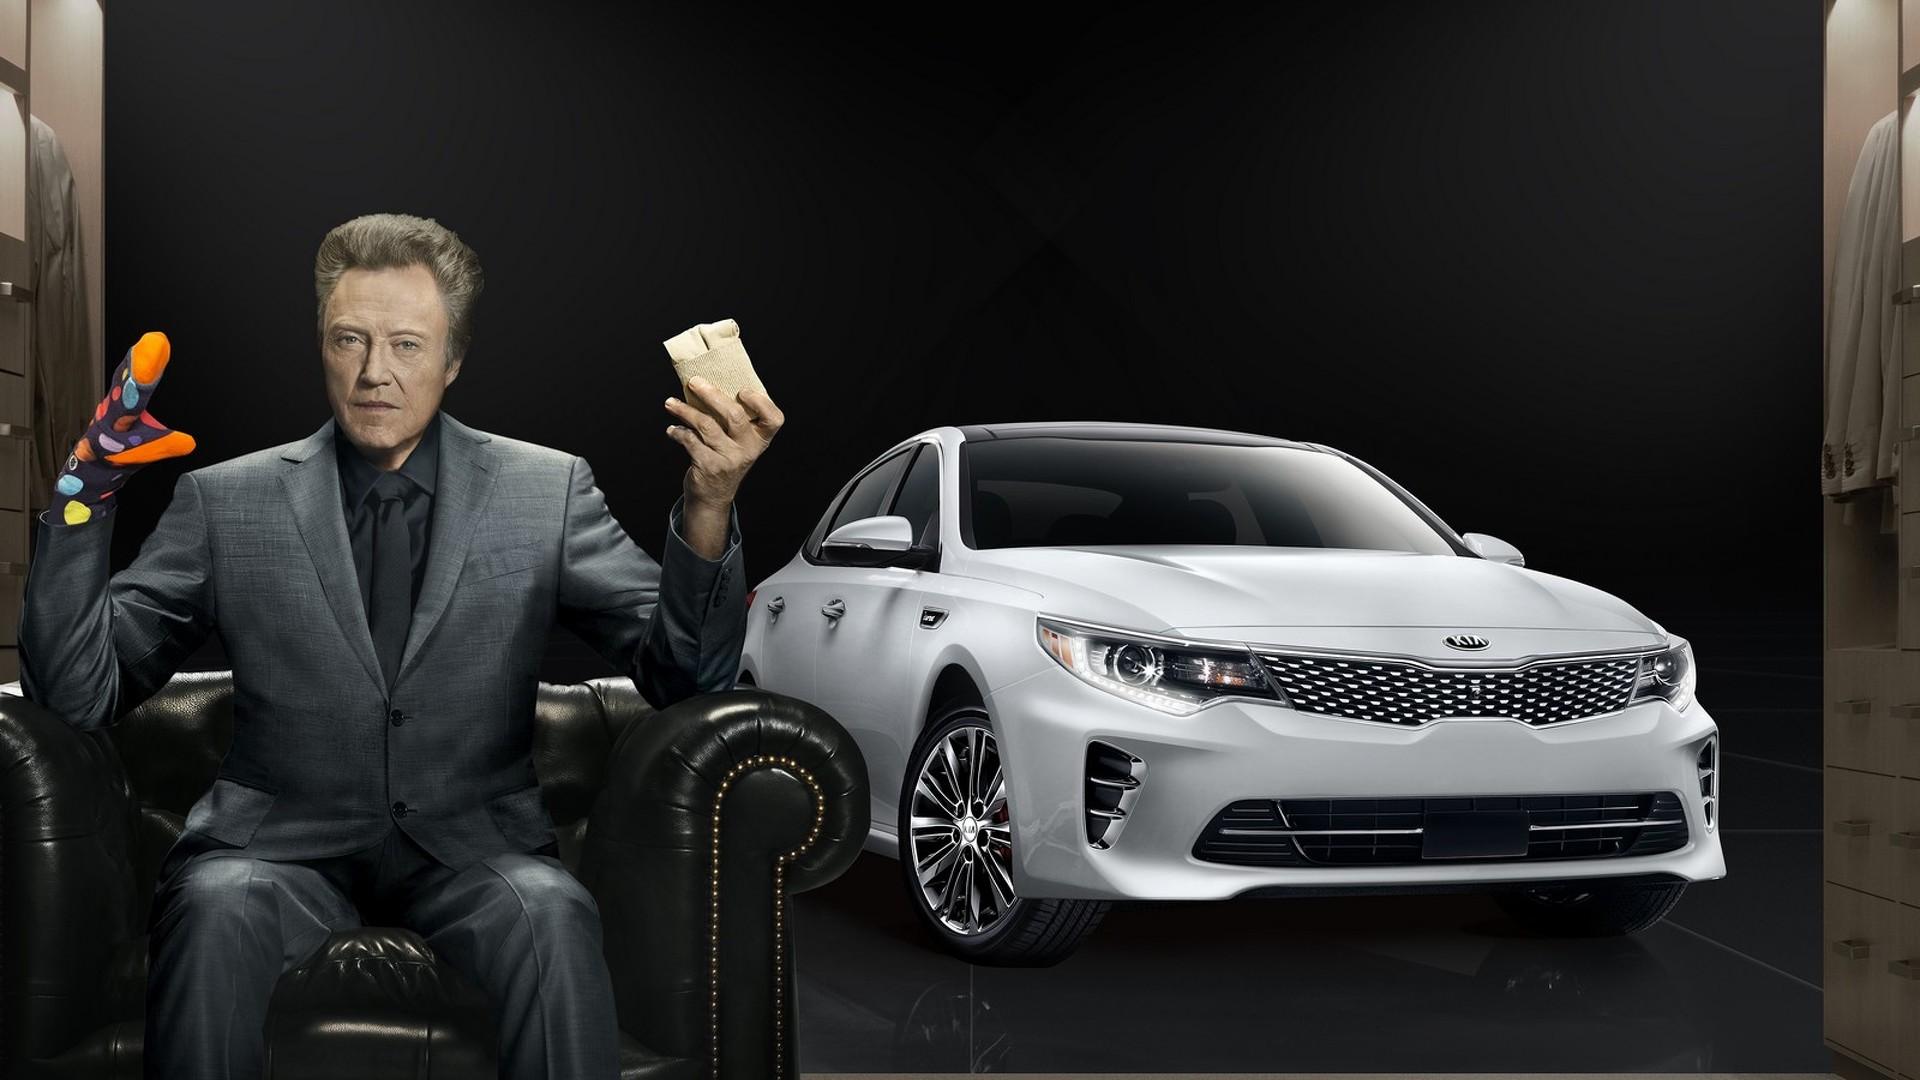 Kia Kicks Off Super Bowl Car Commercials Toyota Fumbles